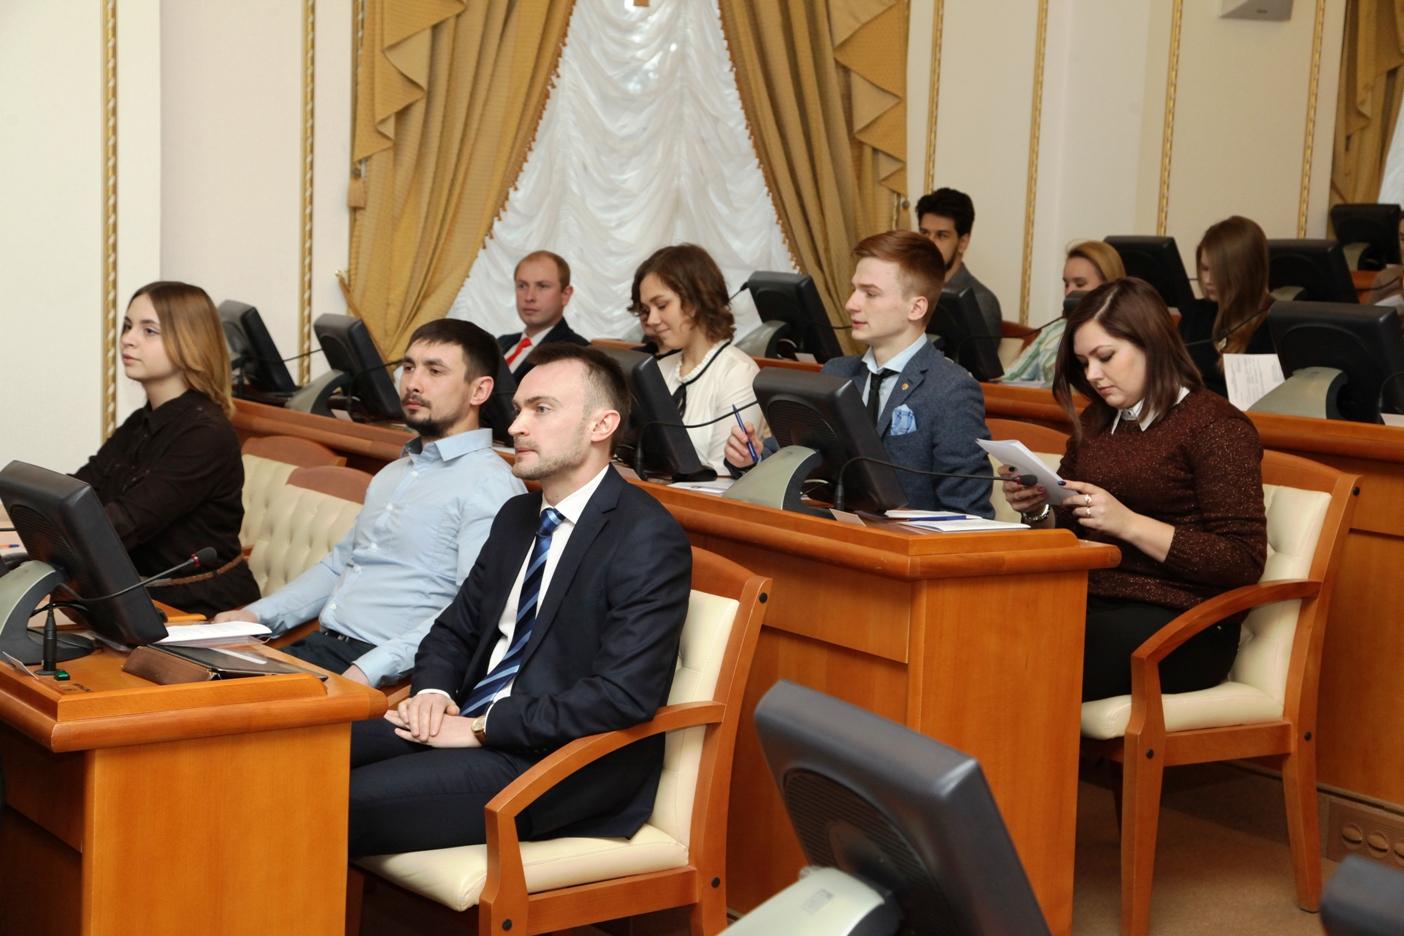 Первое применение права законодательной инициативы